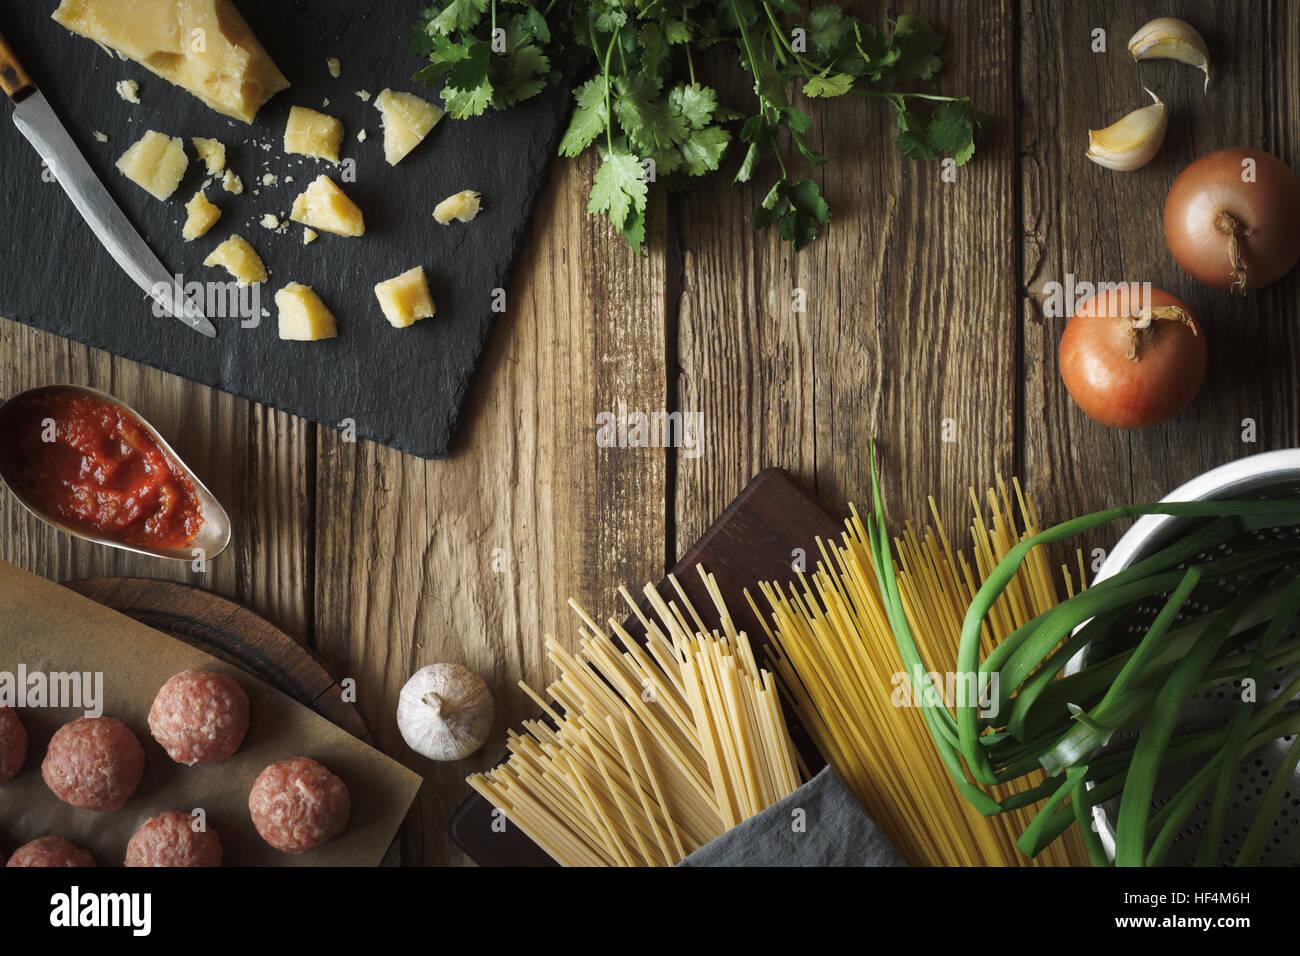 Zutaten für Kochen Spaghetti, Frikadellen mit Käse und frischen Kräutern horizontale Textfreiraum Stockbild